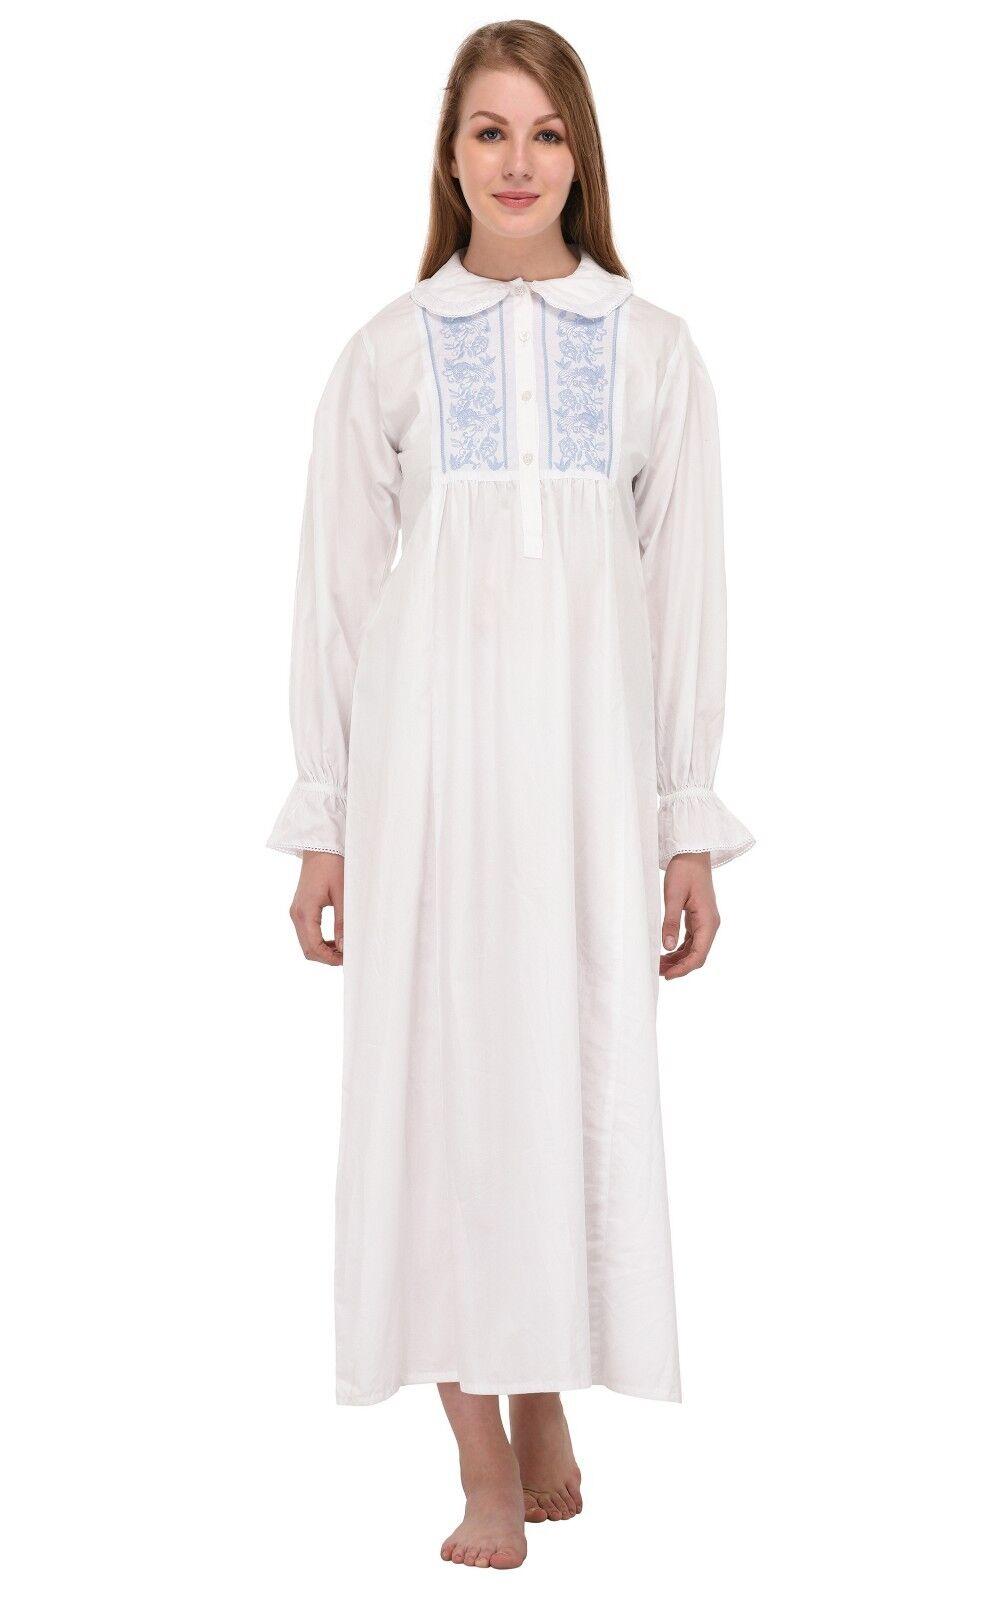 Peter Pan Collar Long Sleeve White Long Nightdress   Cotton Lane